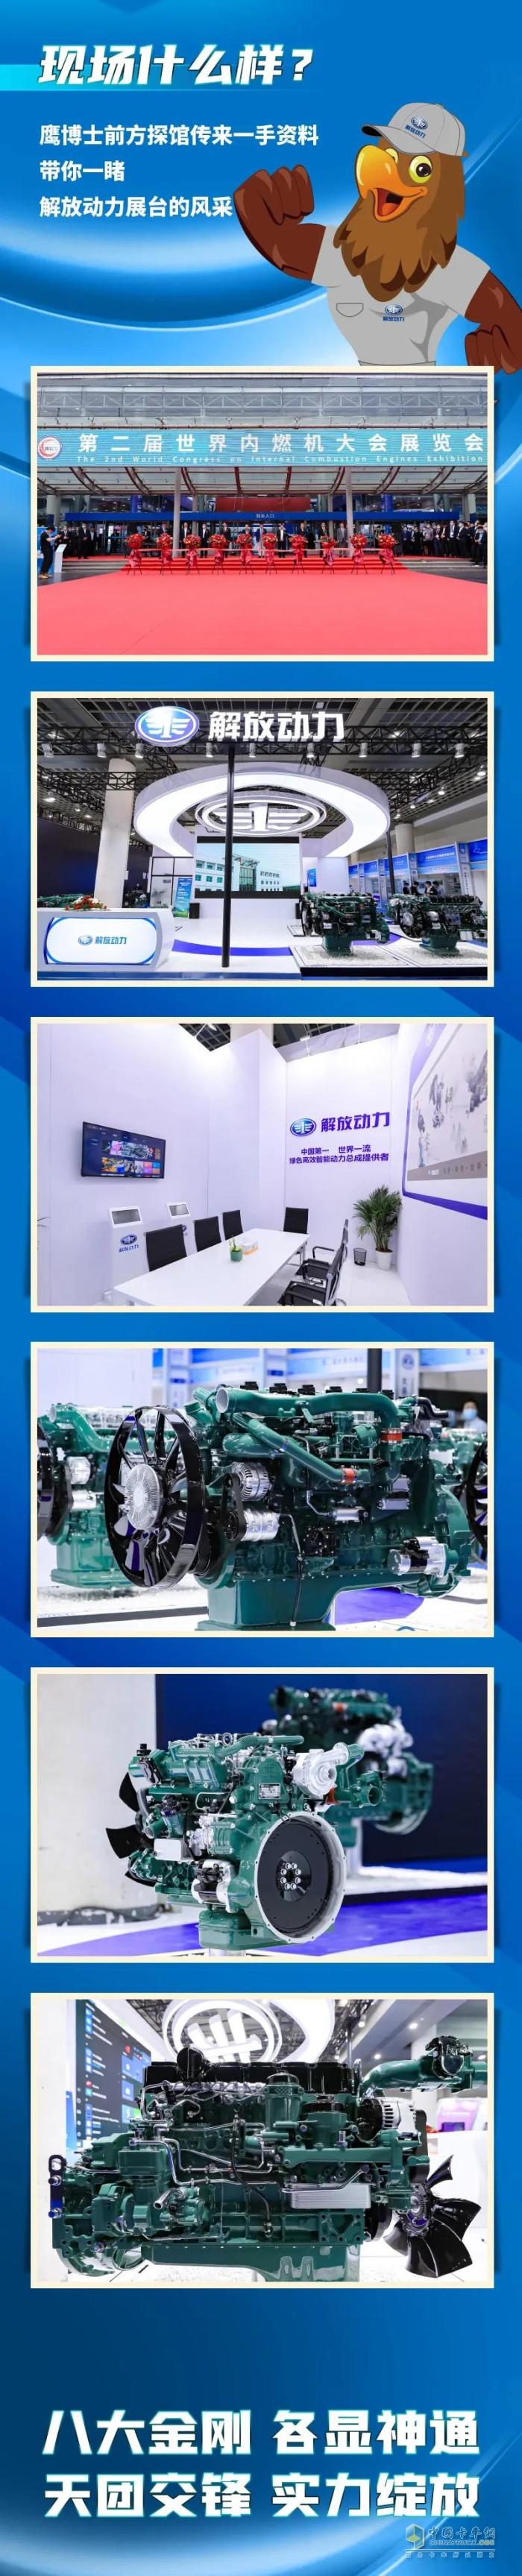 解放动力 发动机 世界内燃机大会